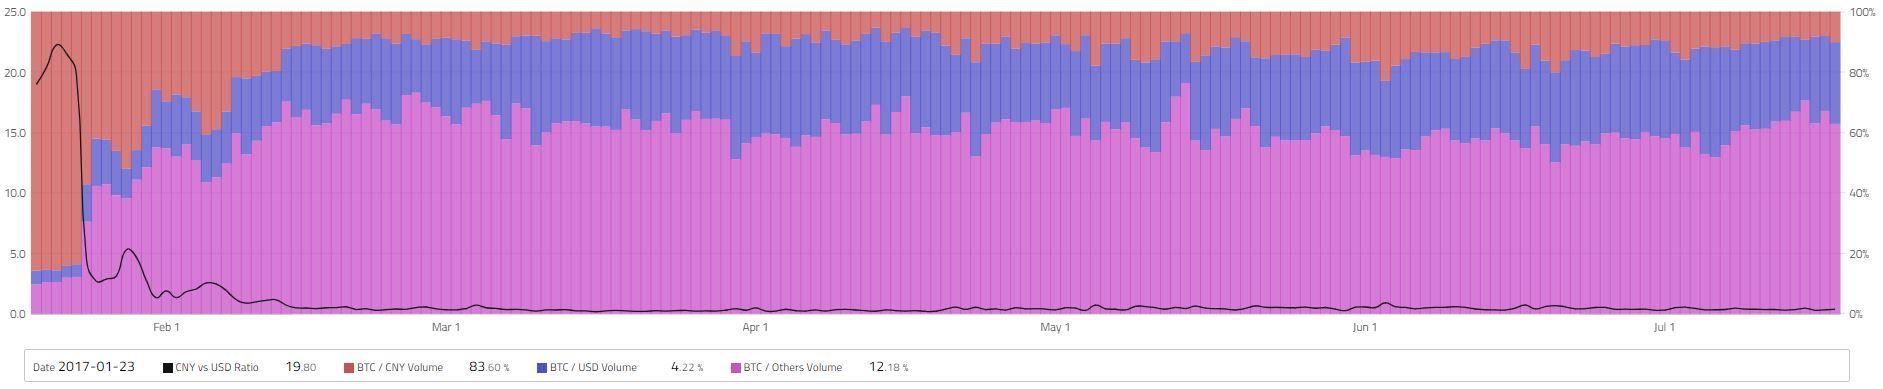 붉은색이 전체 비트코인 거래에서 중국 위안화가 차지하는 비중. 올 들어서 그 비중이 급격히 줄었다. 파란색이 미국 달러화, 보라색이 기타 통화의 비중이다.자료: 코인힐스